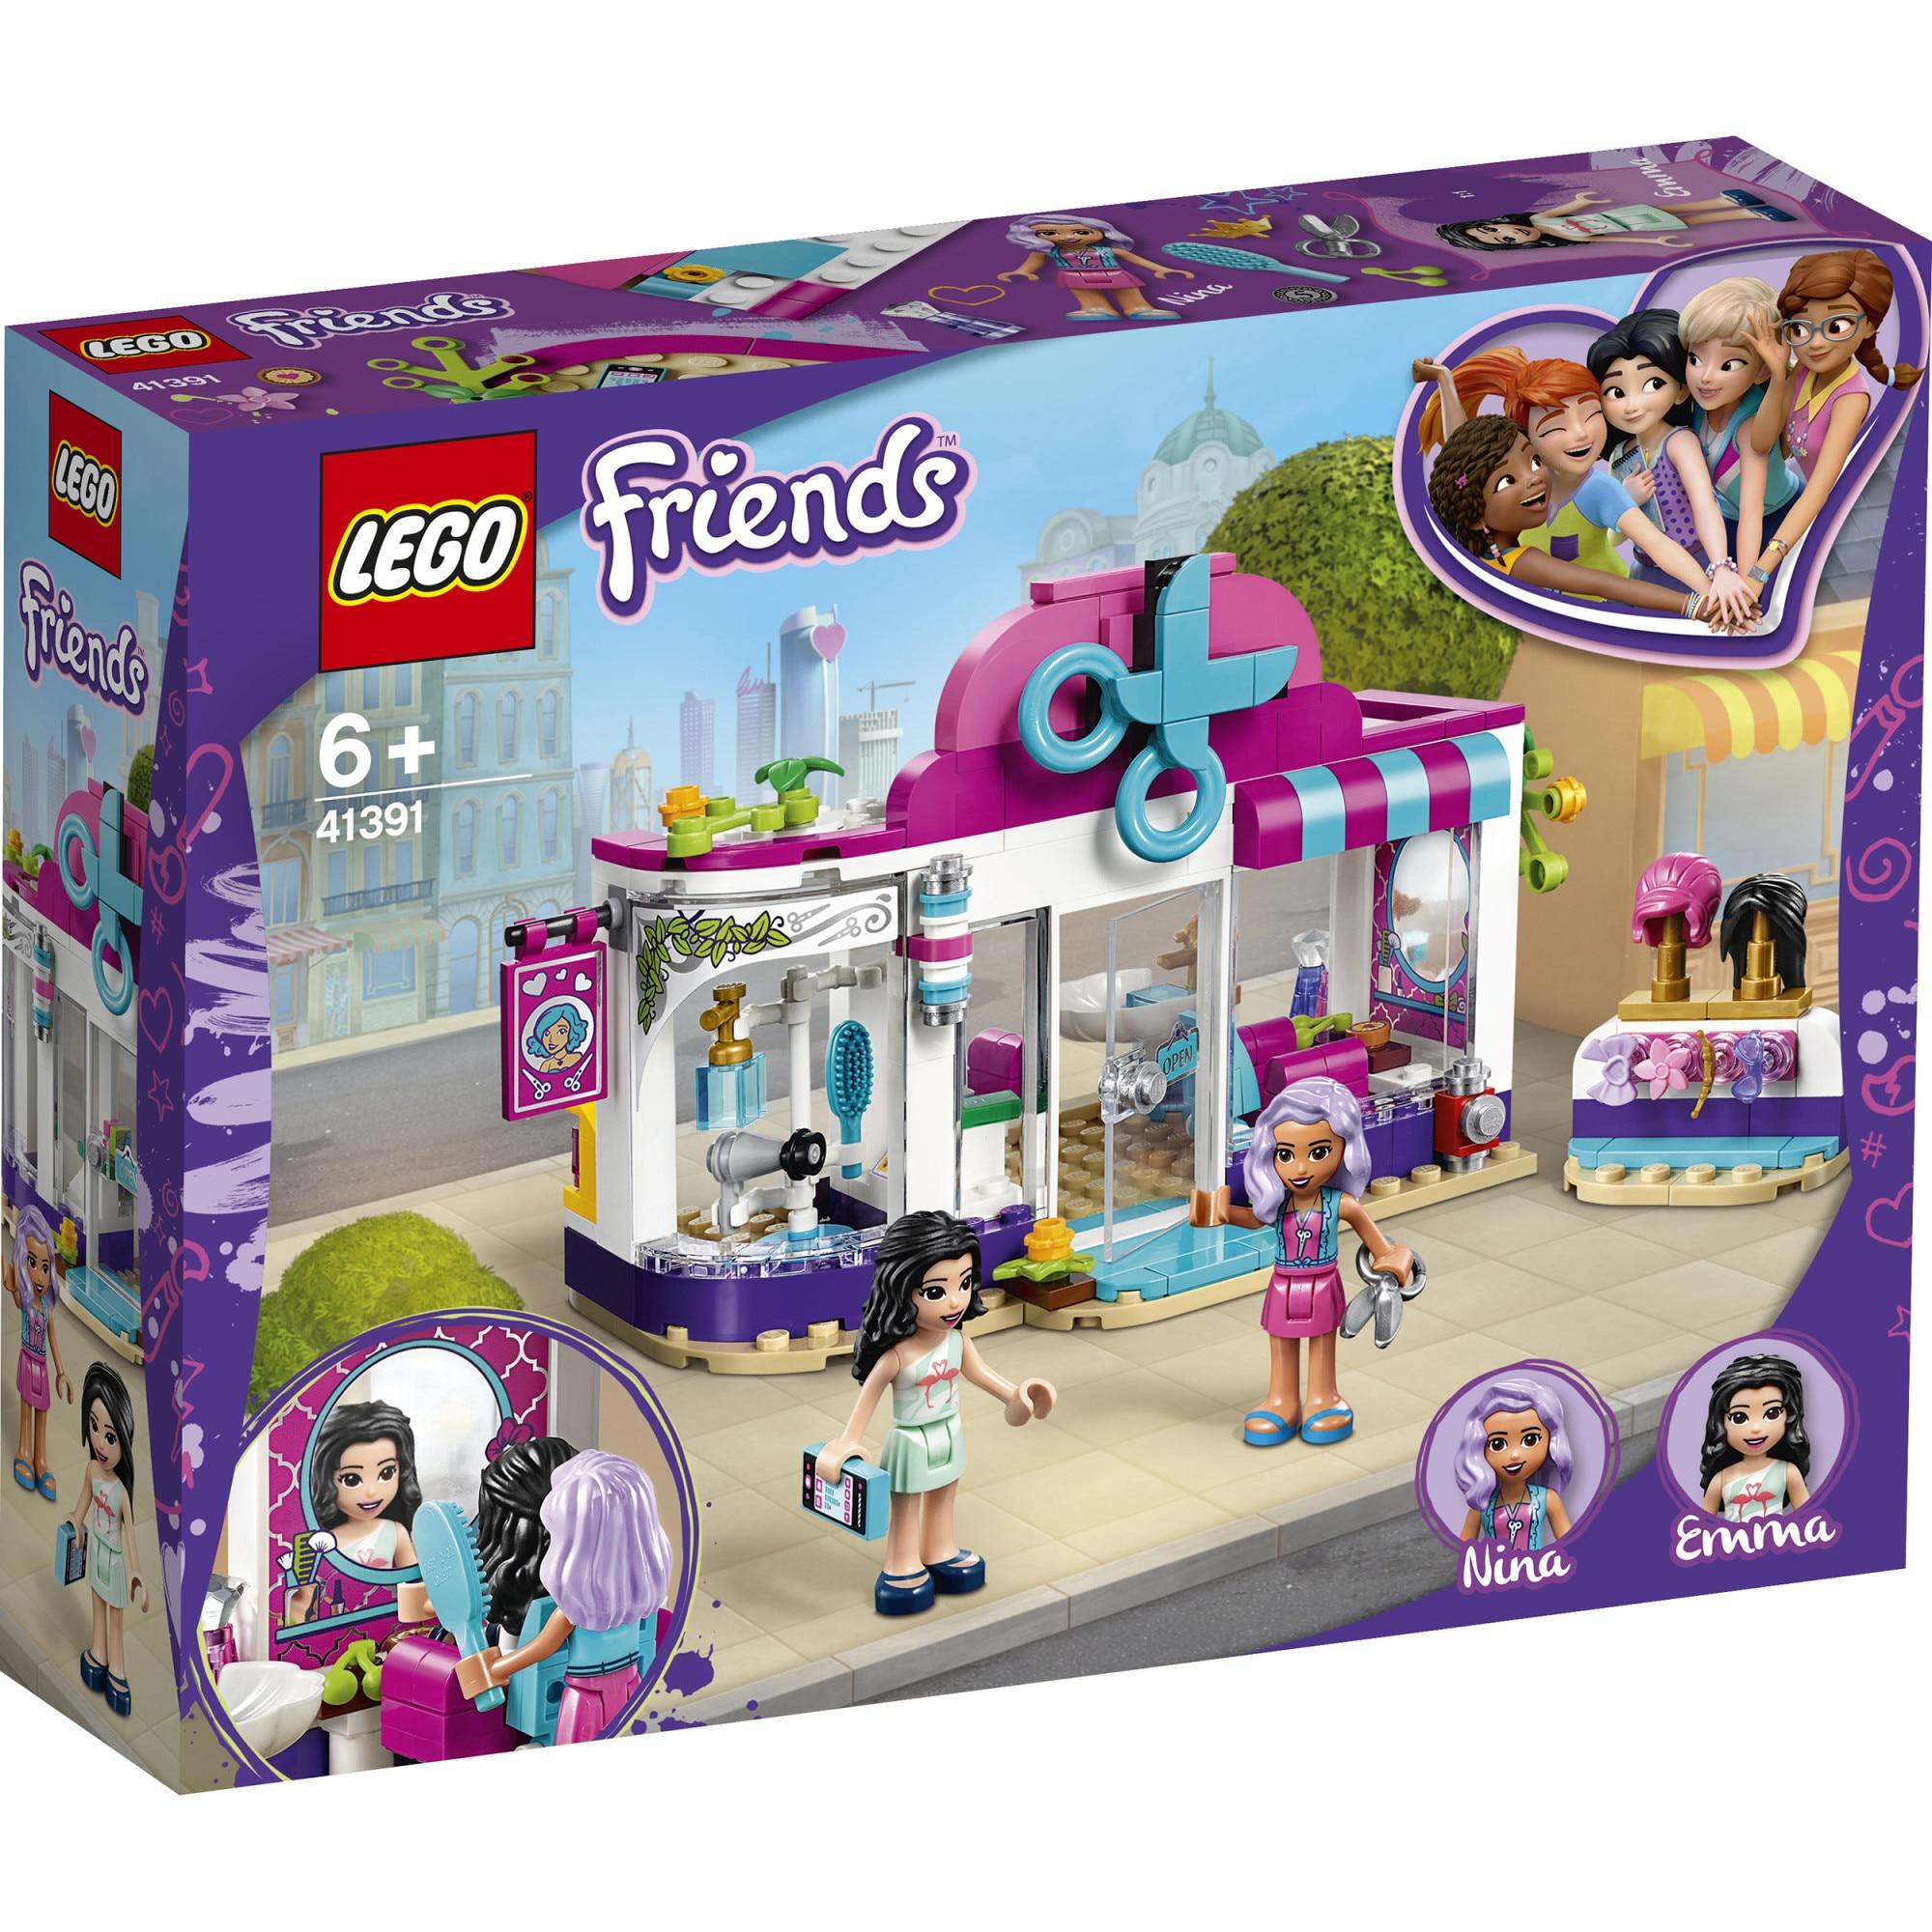 Fotografie LEGO Friends - Salonul de coafura din orasul Heartlake 41391, 235 piese